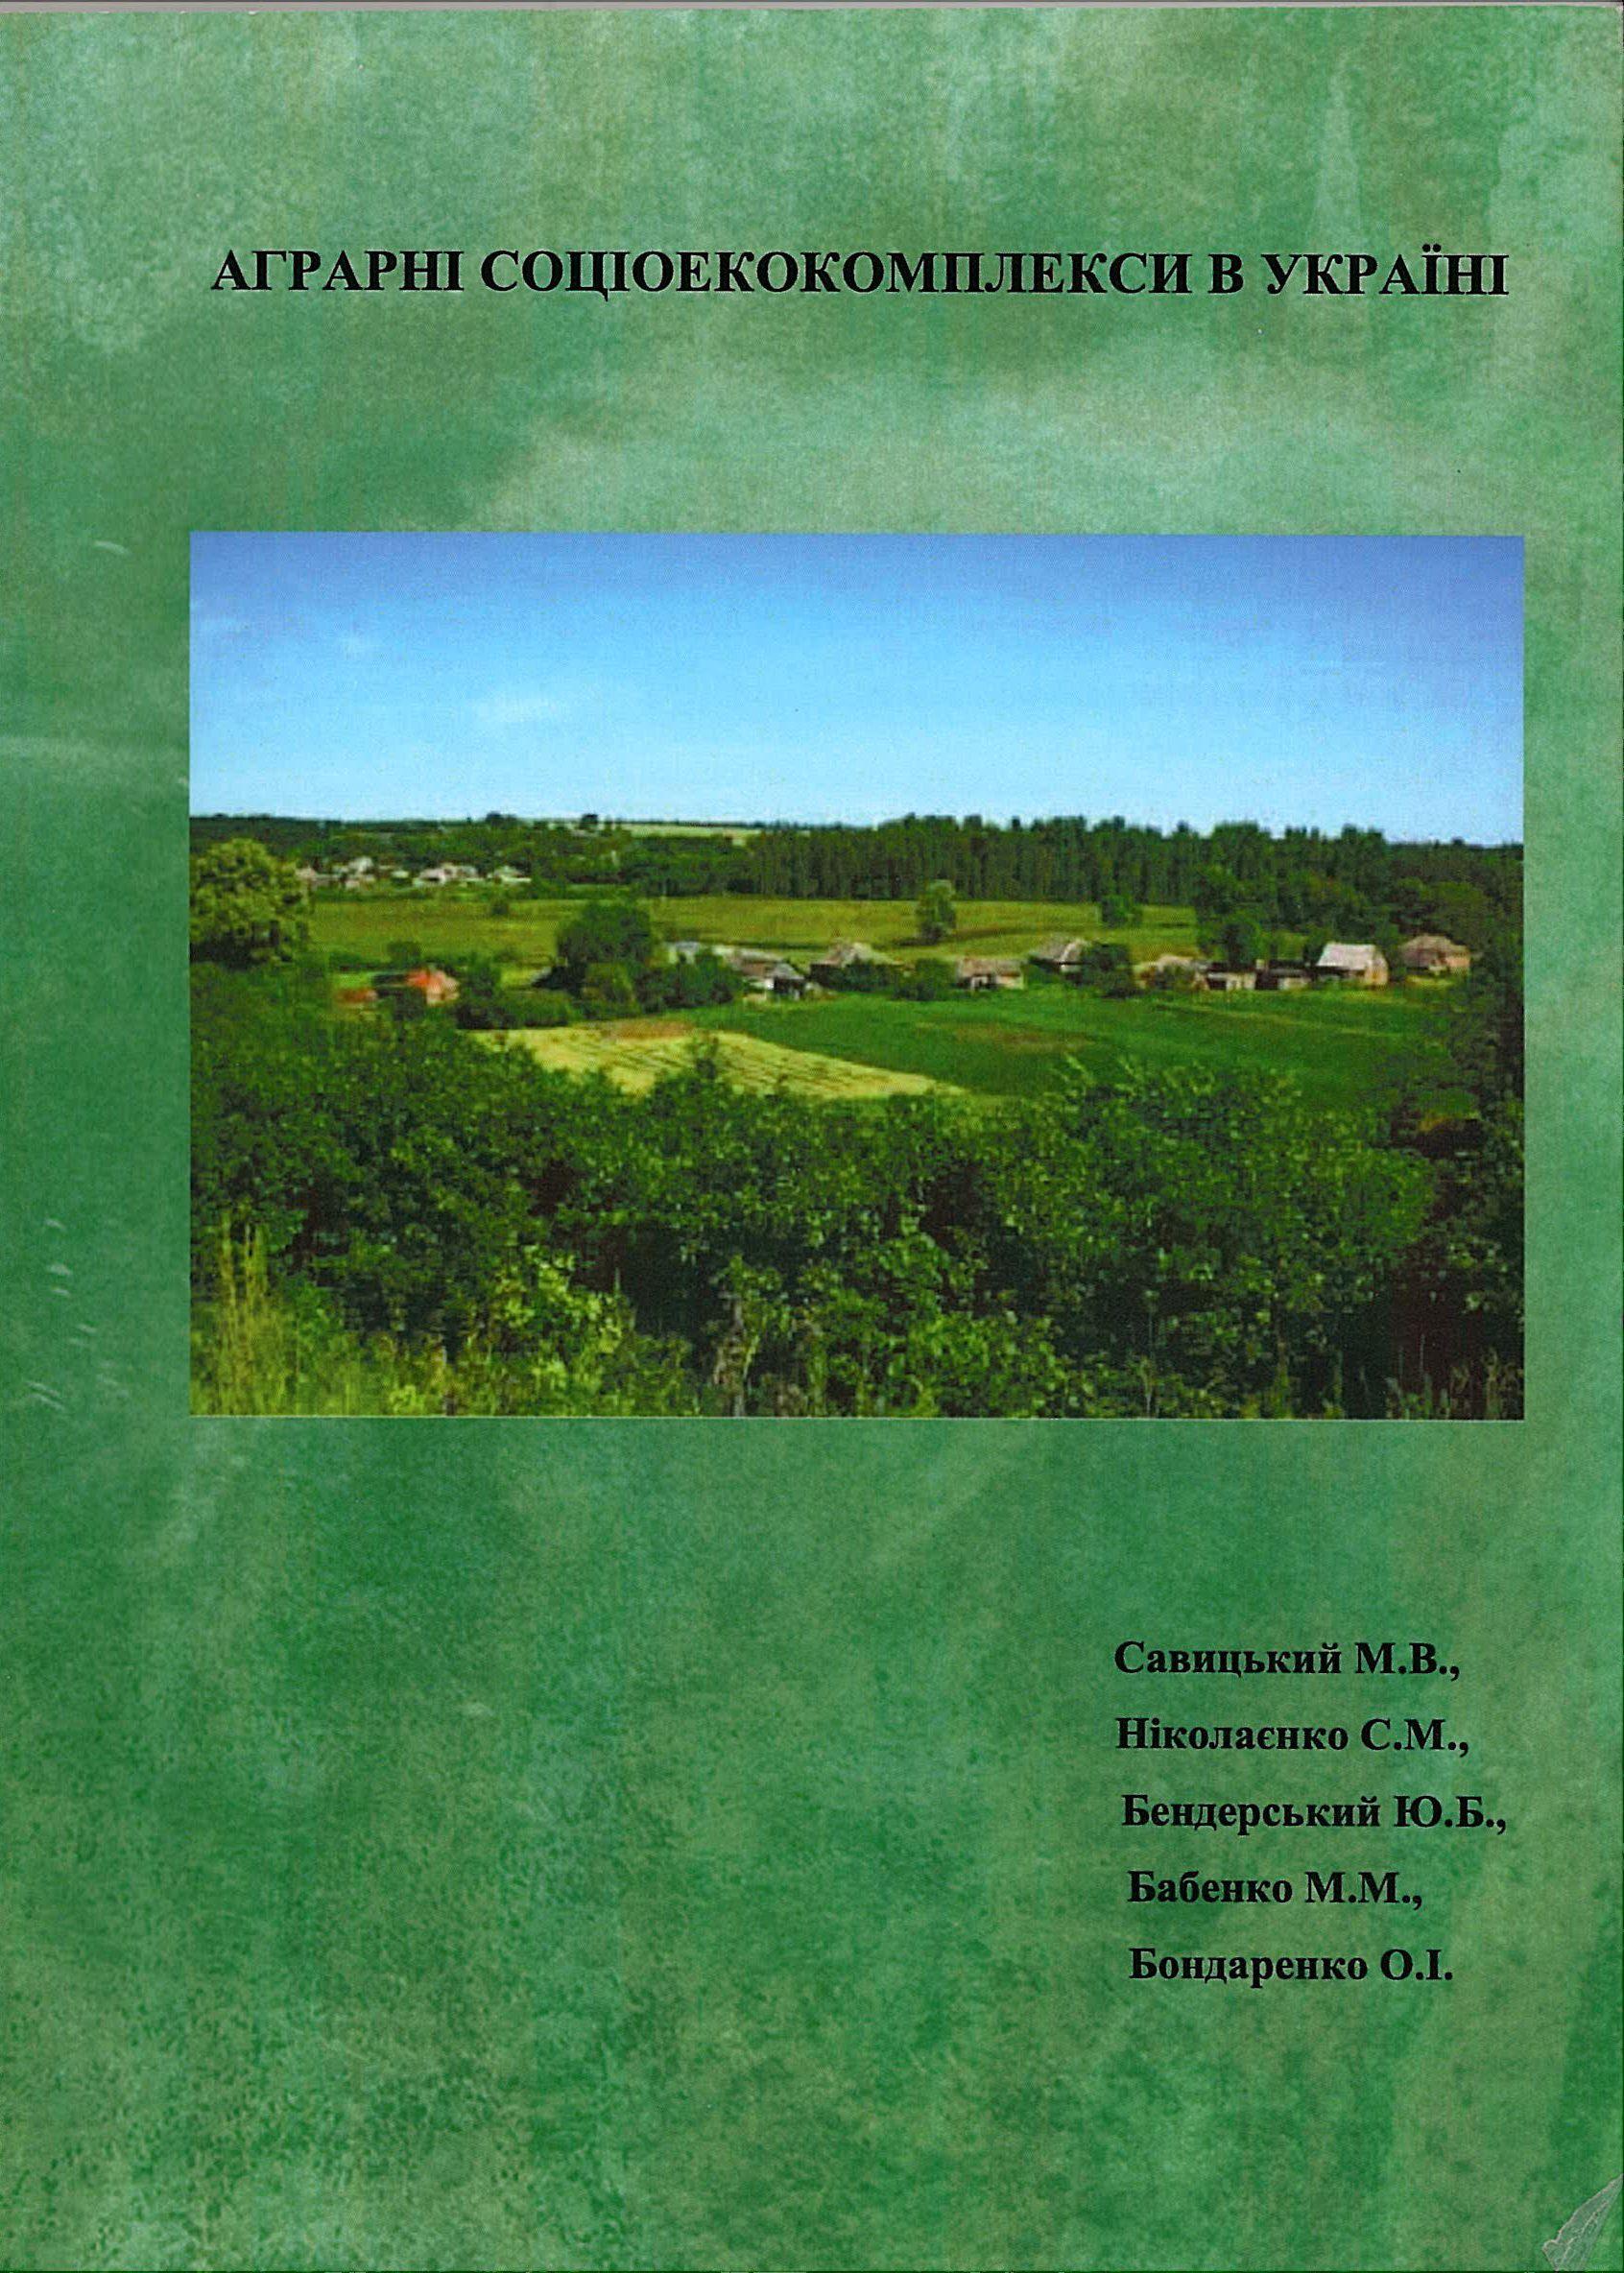 Засади створення аграрних соціоекокомплексів в Україні на основі концепції збалансованого розвитку, 2014